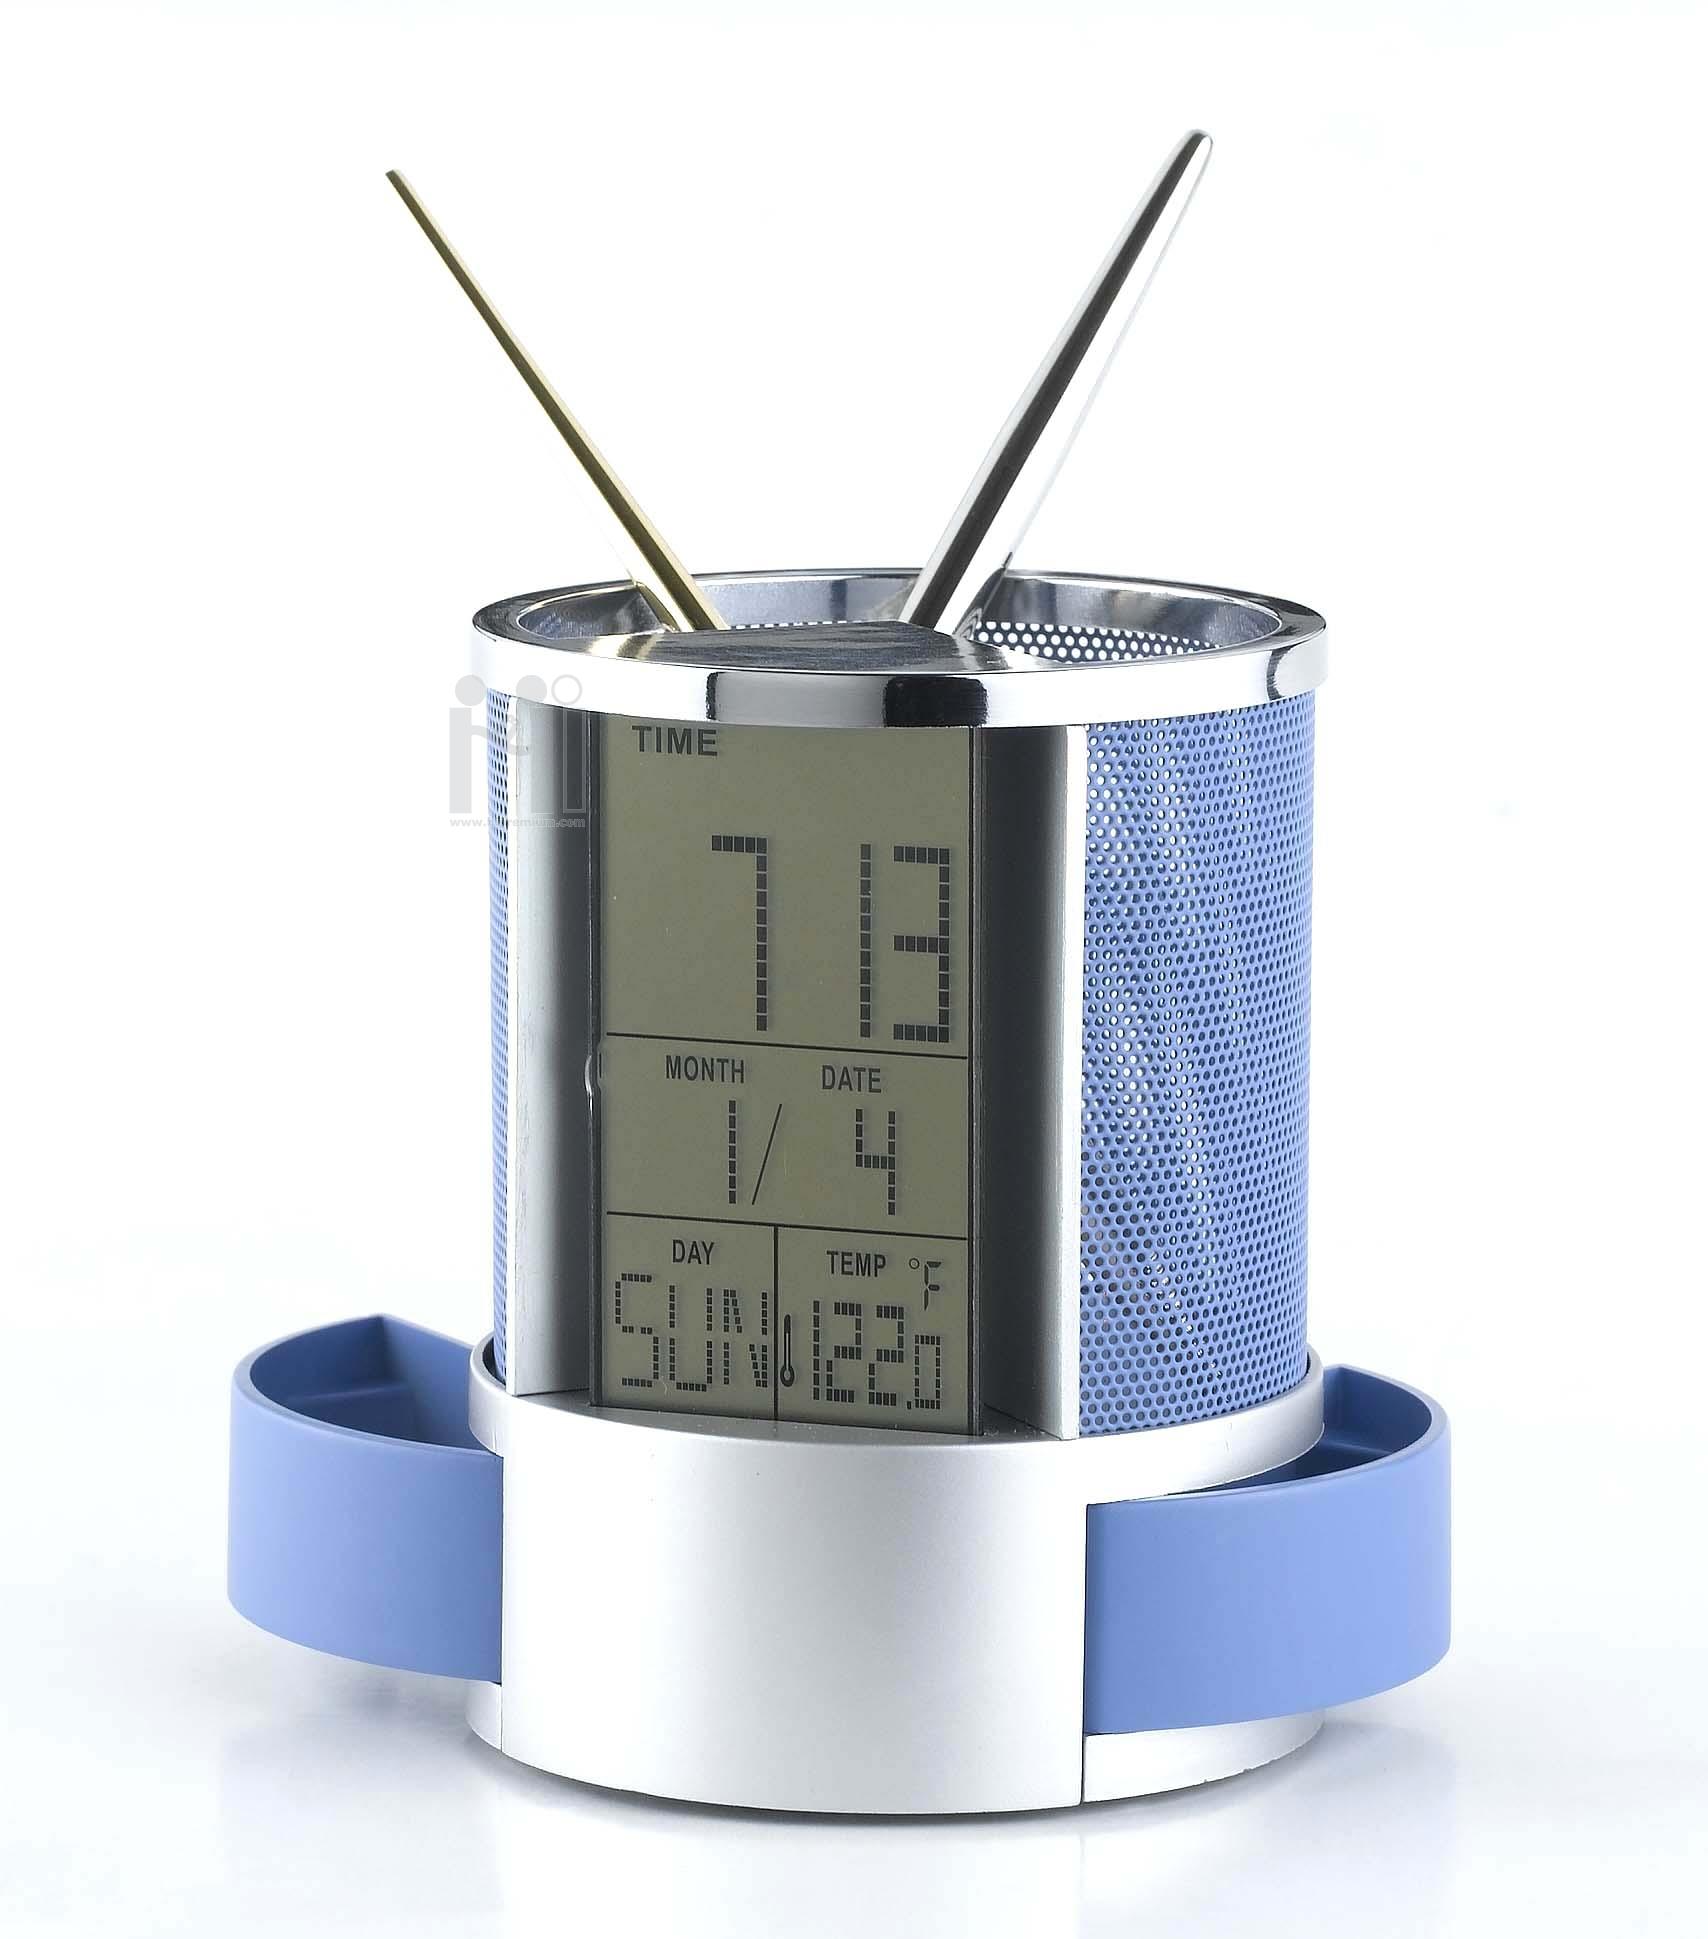 นาฬิกาตั้งโต๊ะปลุกได้&อุณหภูมิ&ปฏิทิน